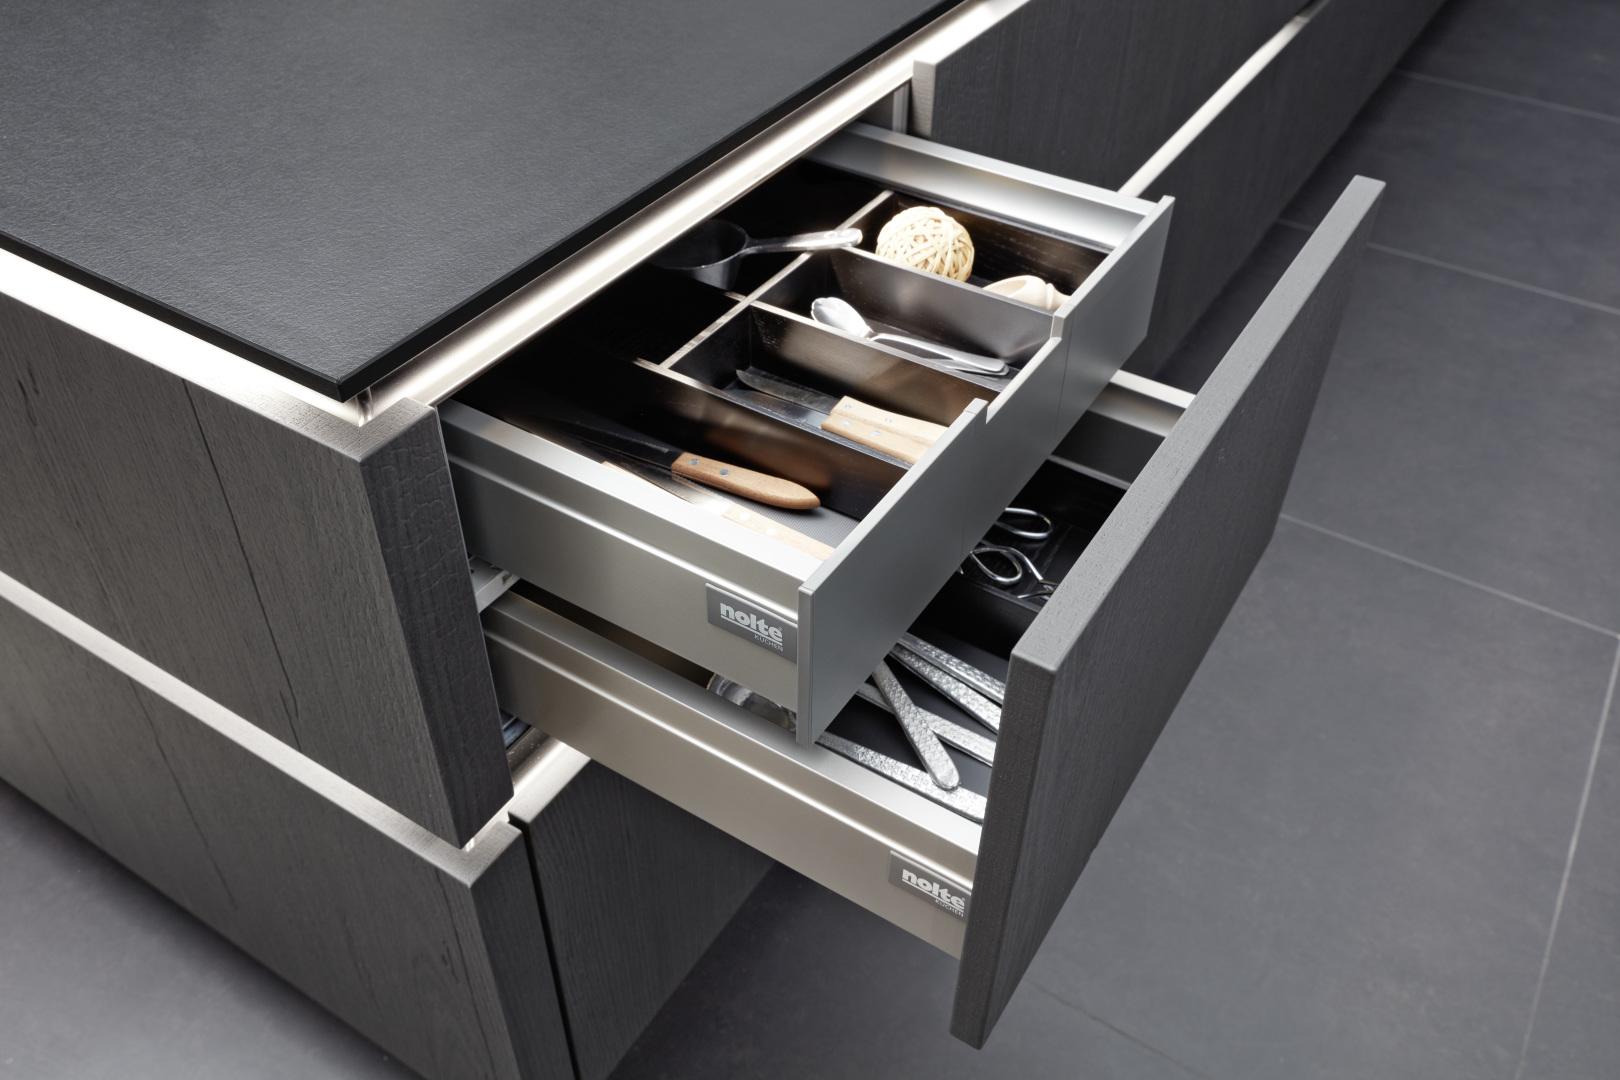 tiroirs ergonomiques intégrés pour cuisine moderne